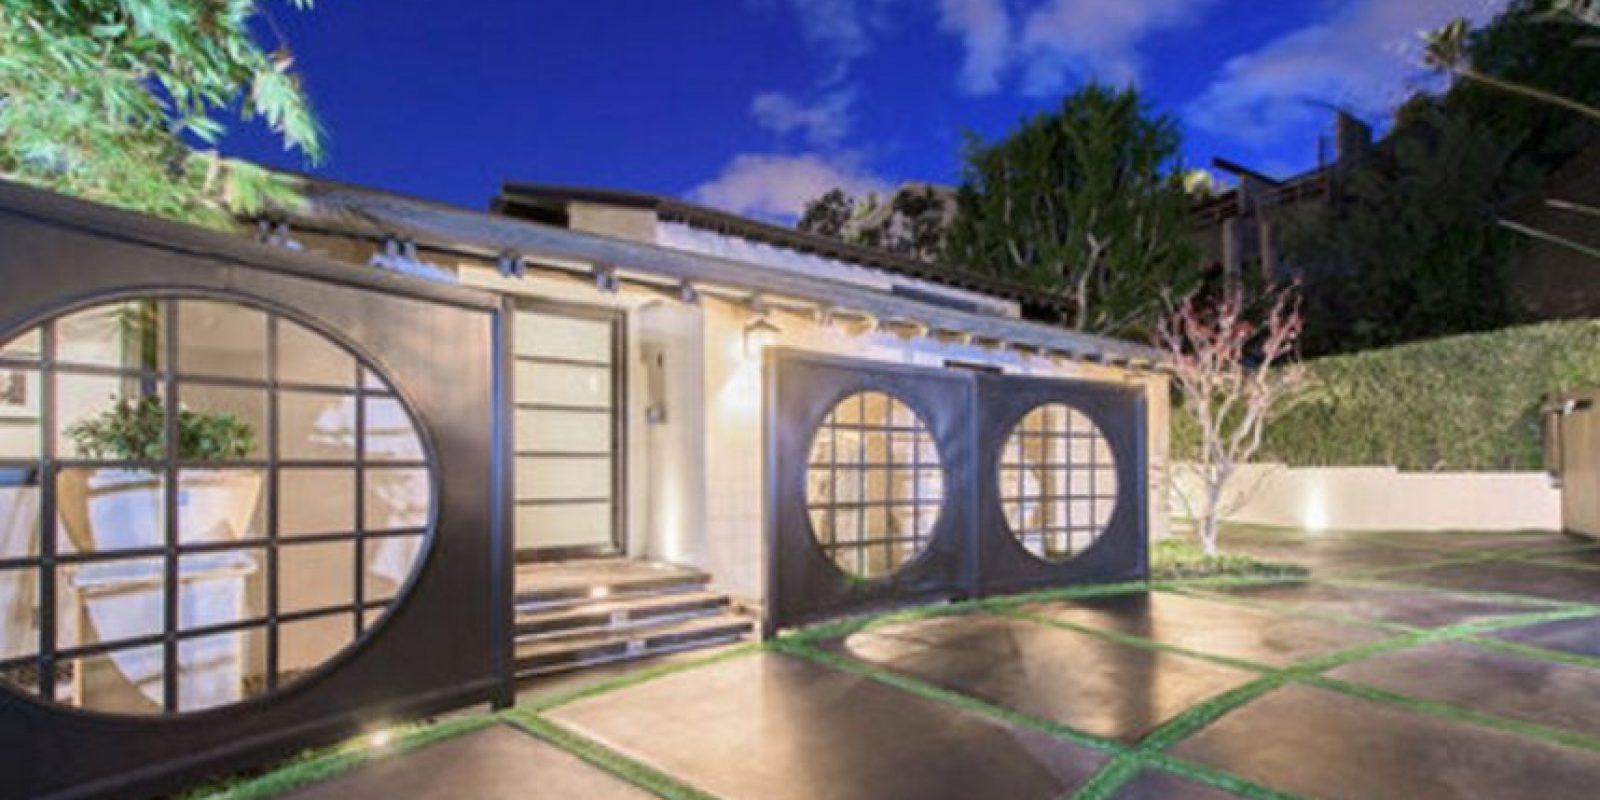 Foto:Via themls.com